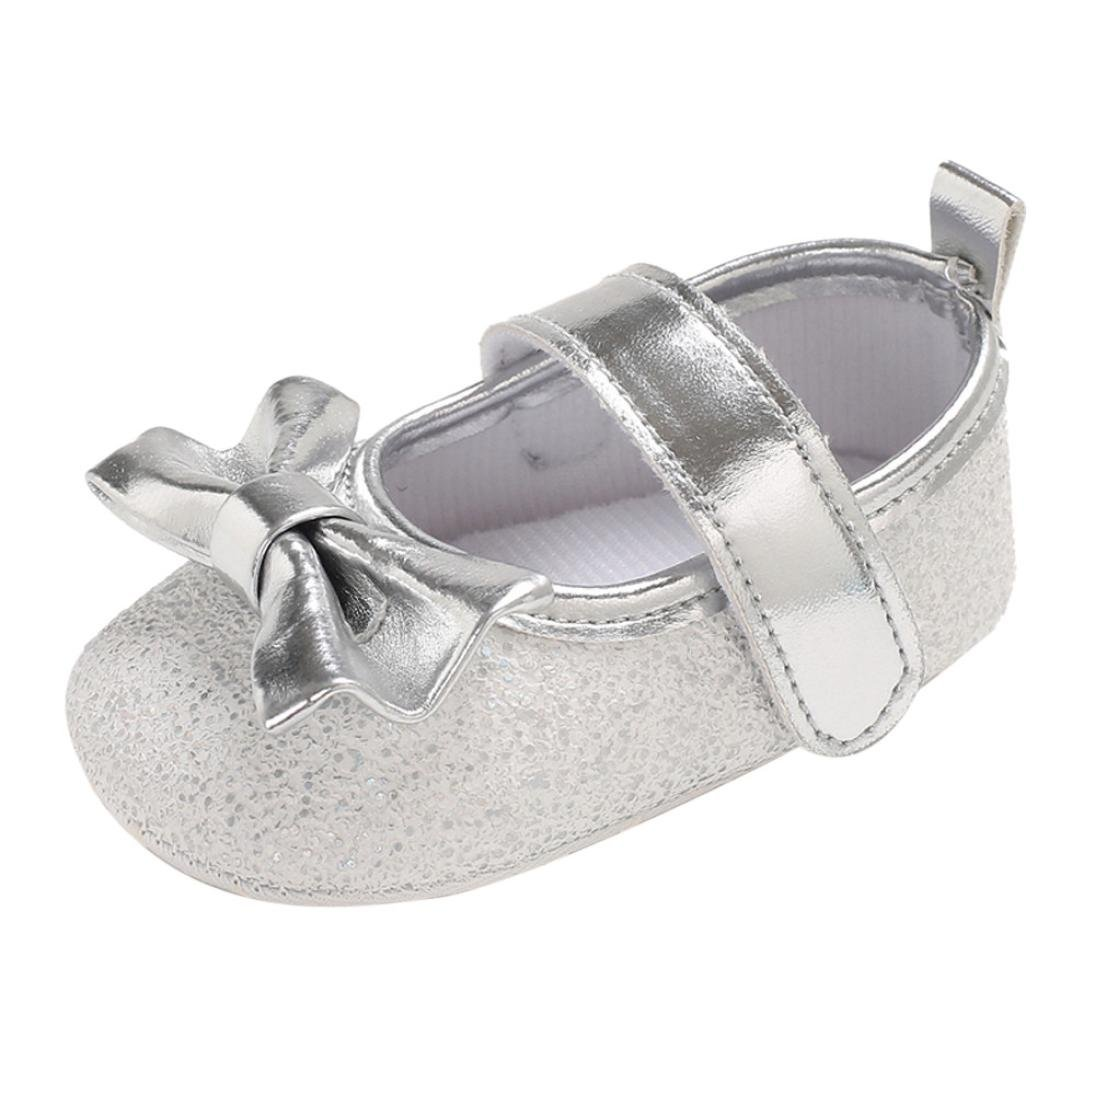 512140b32af10 Zapatos de para Bebé Niñas Otoño Invierno PAOLIAN Zapatos de Primeros Pasos  Suela Blanda Bautizo Antideslizante